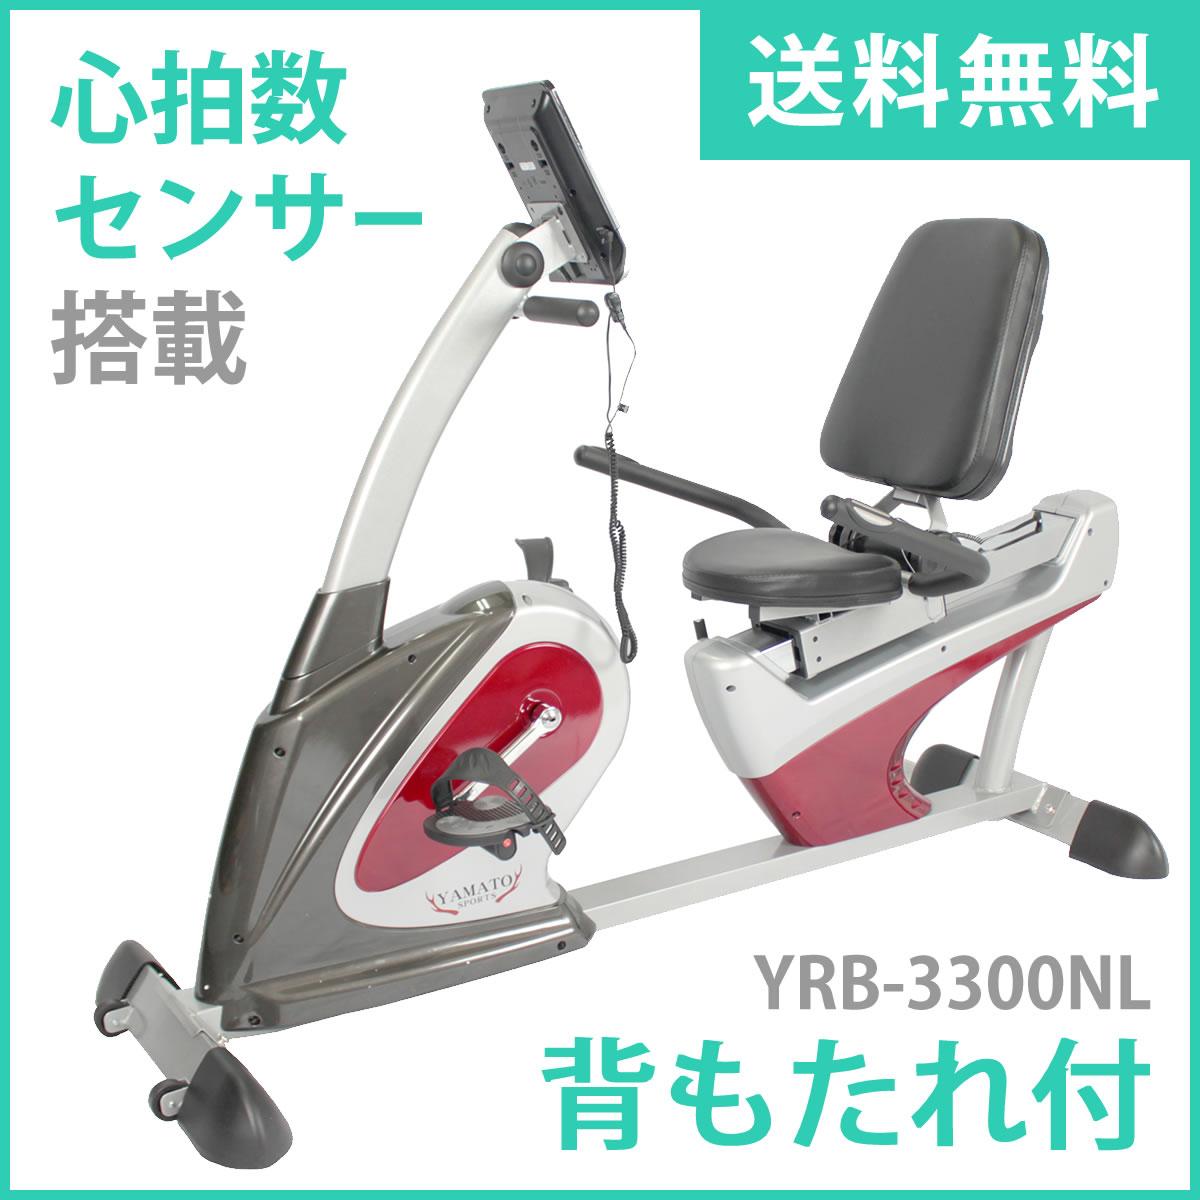 YRB-3300NL 繧ェ繝シ繝「繝�繝�繧ッ繝ェ繧ォ繝ウ繝吶Φ繝医ヰ繧、繧ッ